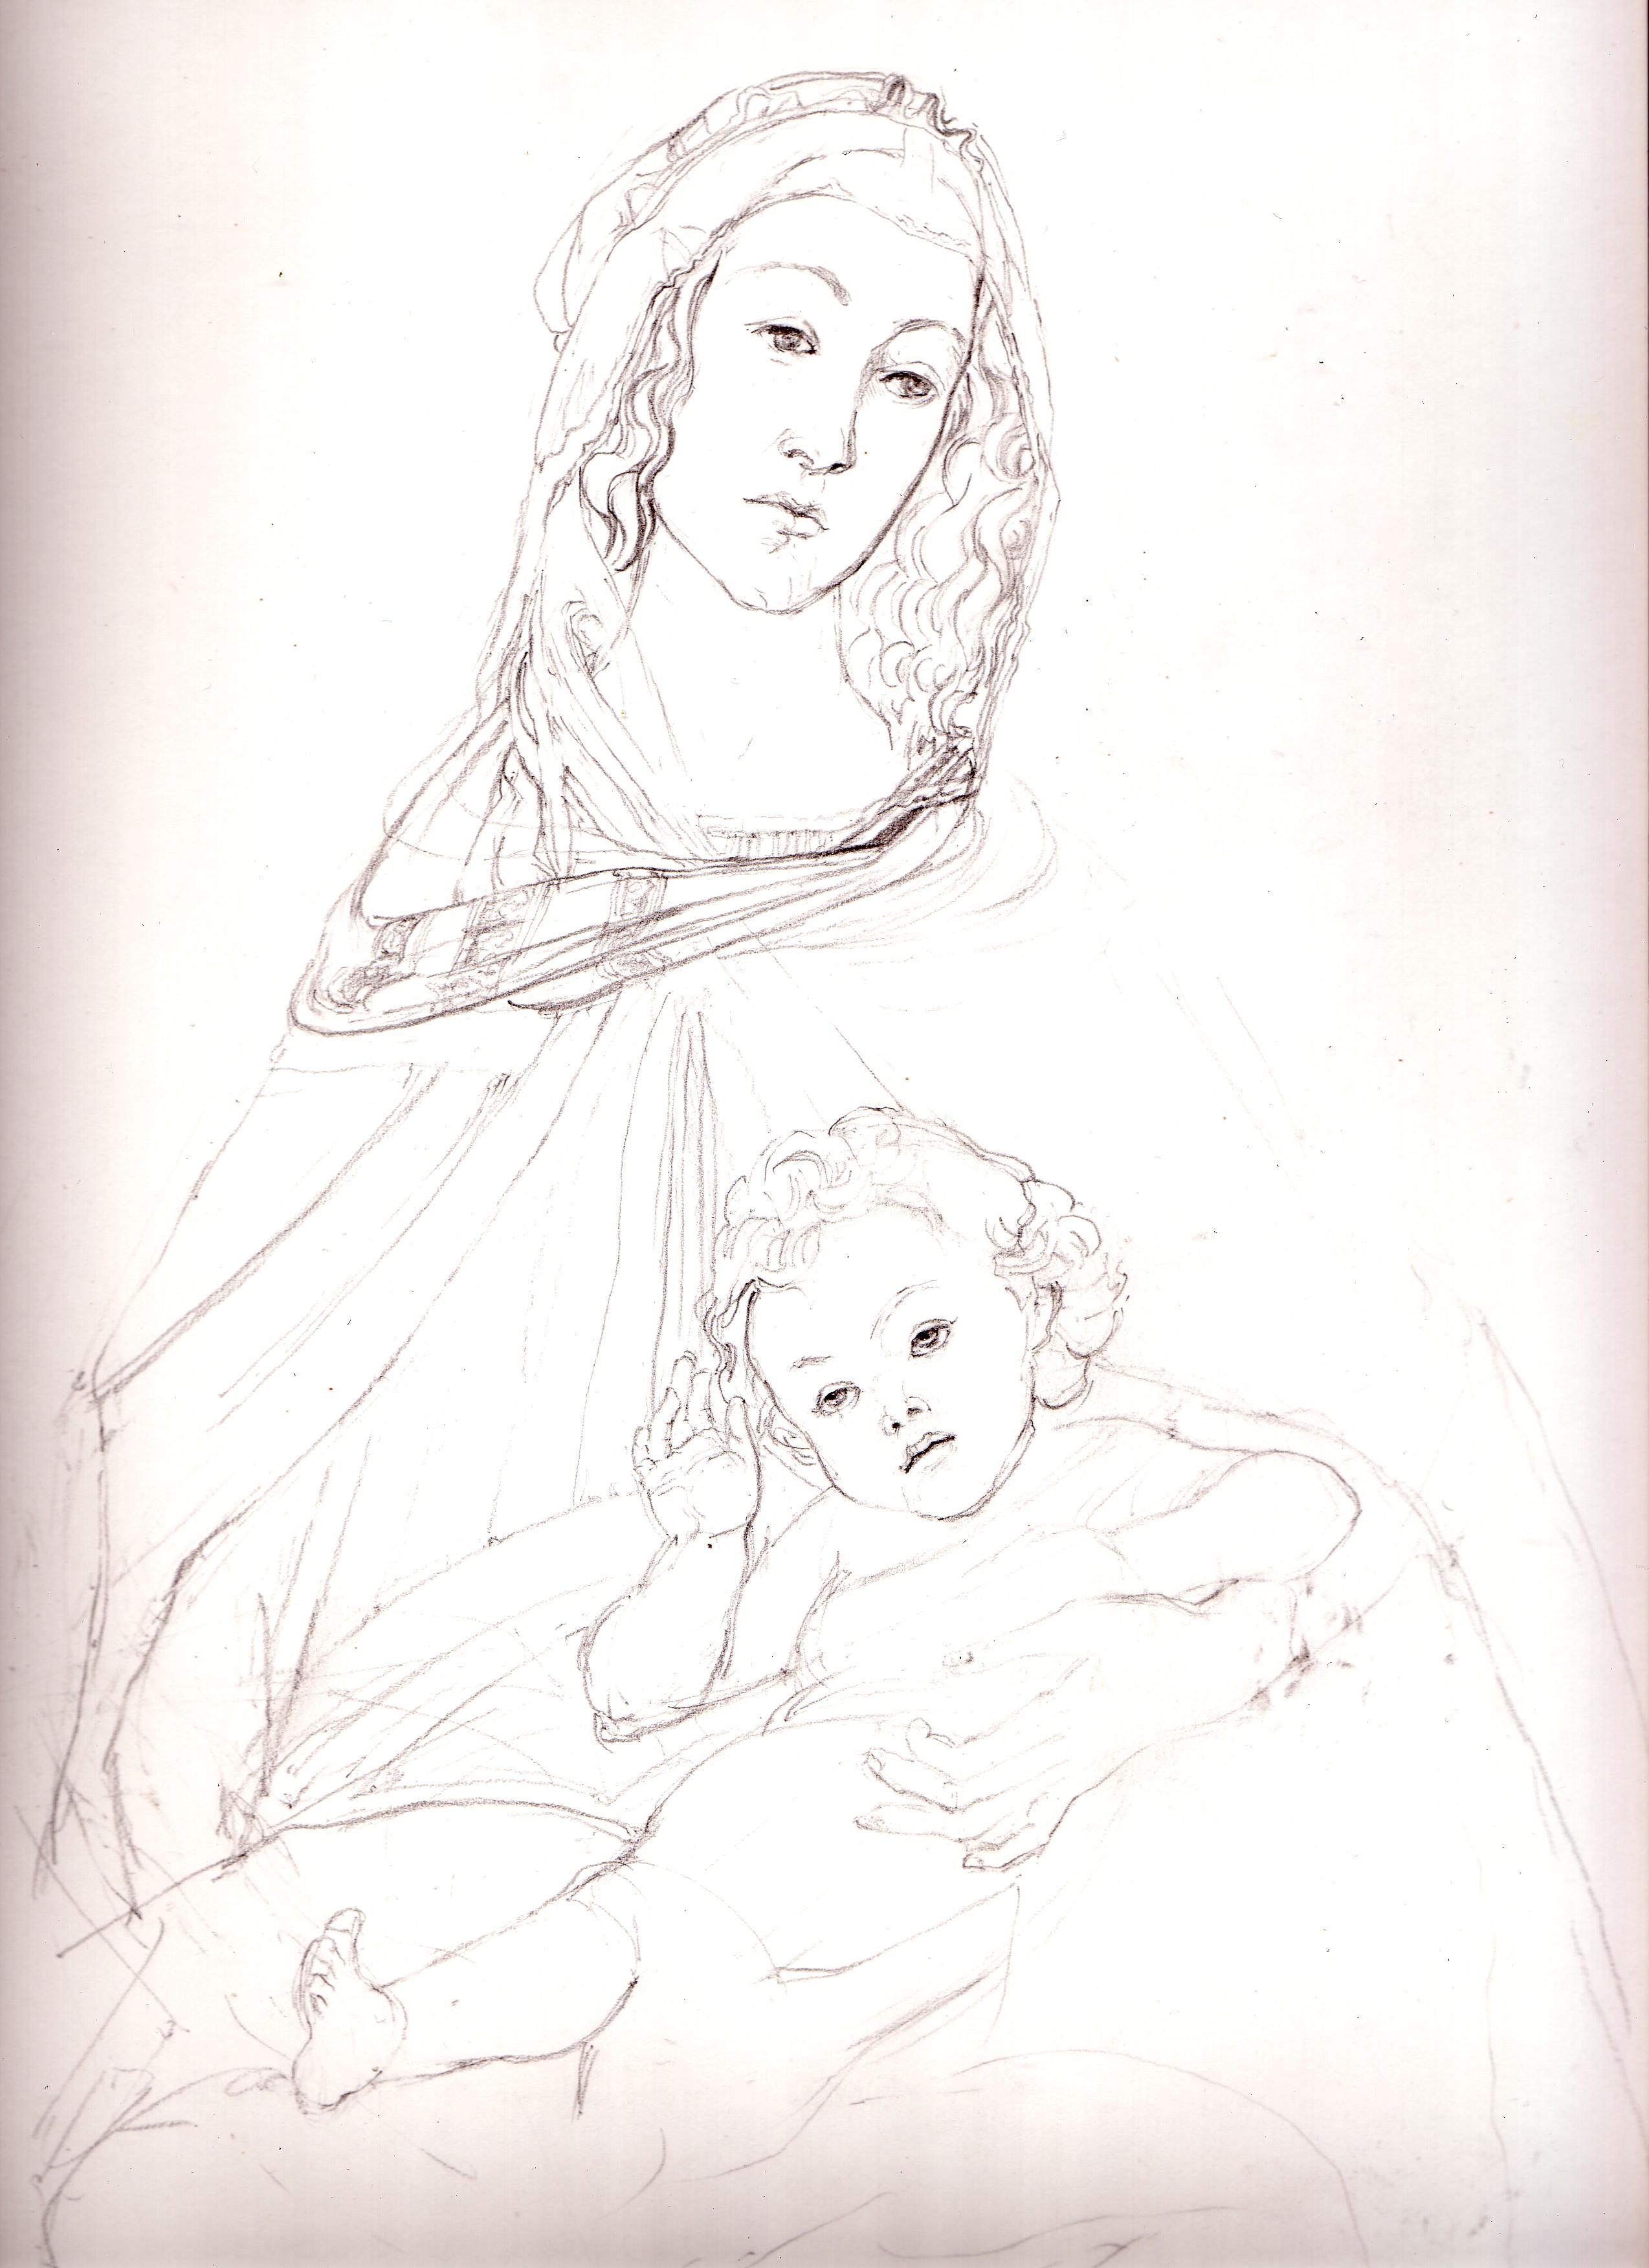 Emilio Morini Archivio Opere Disegni 2009 Madonna Con Bambino